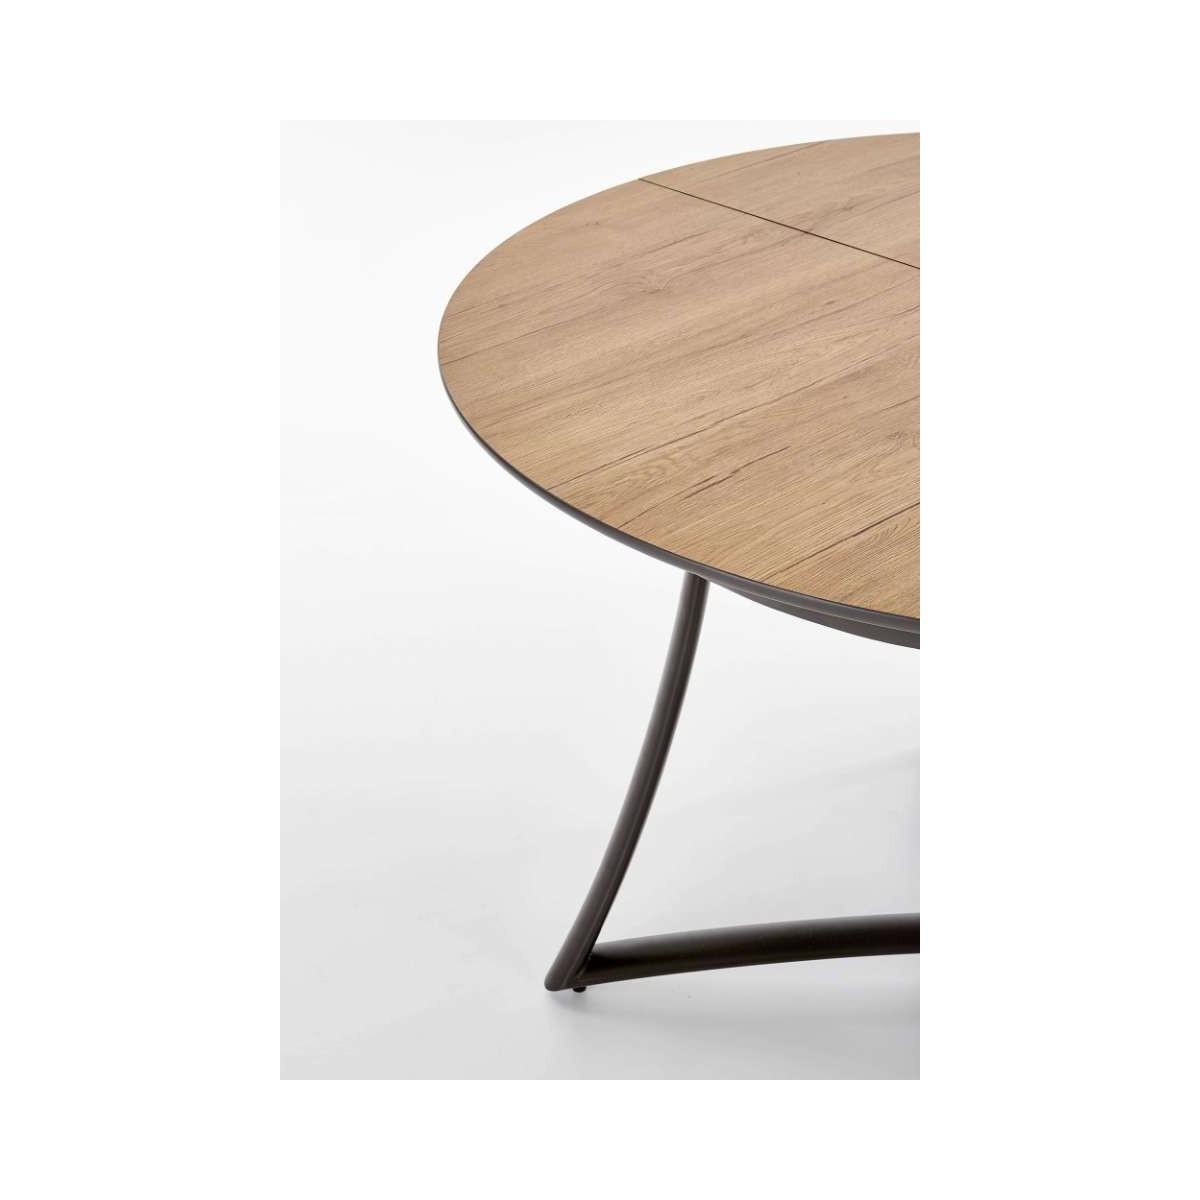 Moretti stół rozkładany dąb naturalny popielaty nogi antracyt